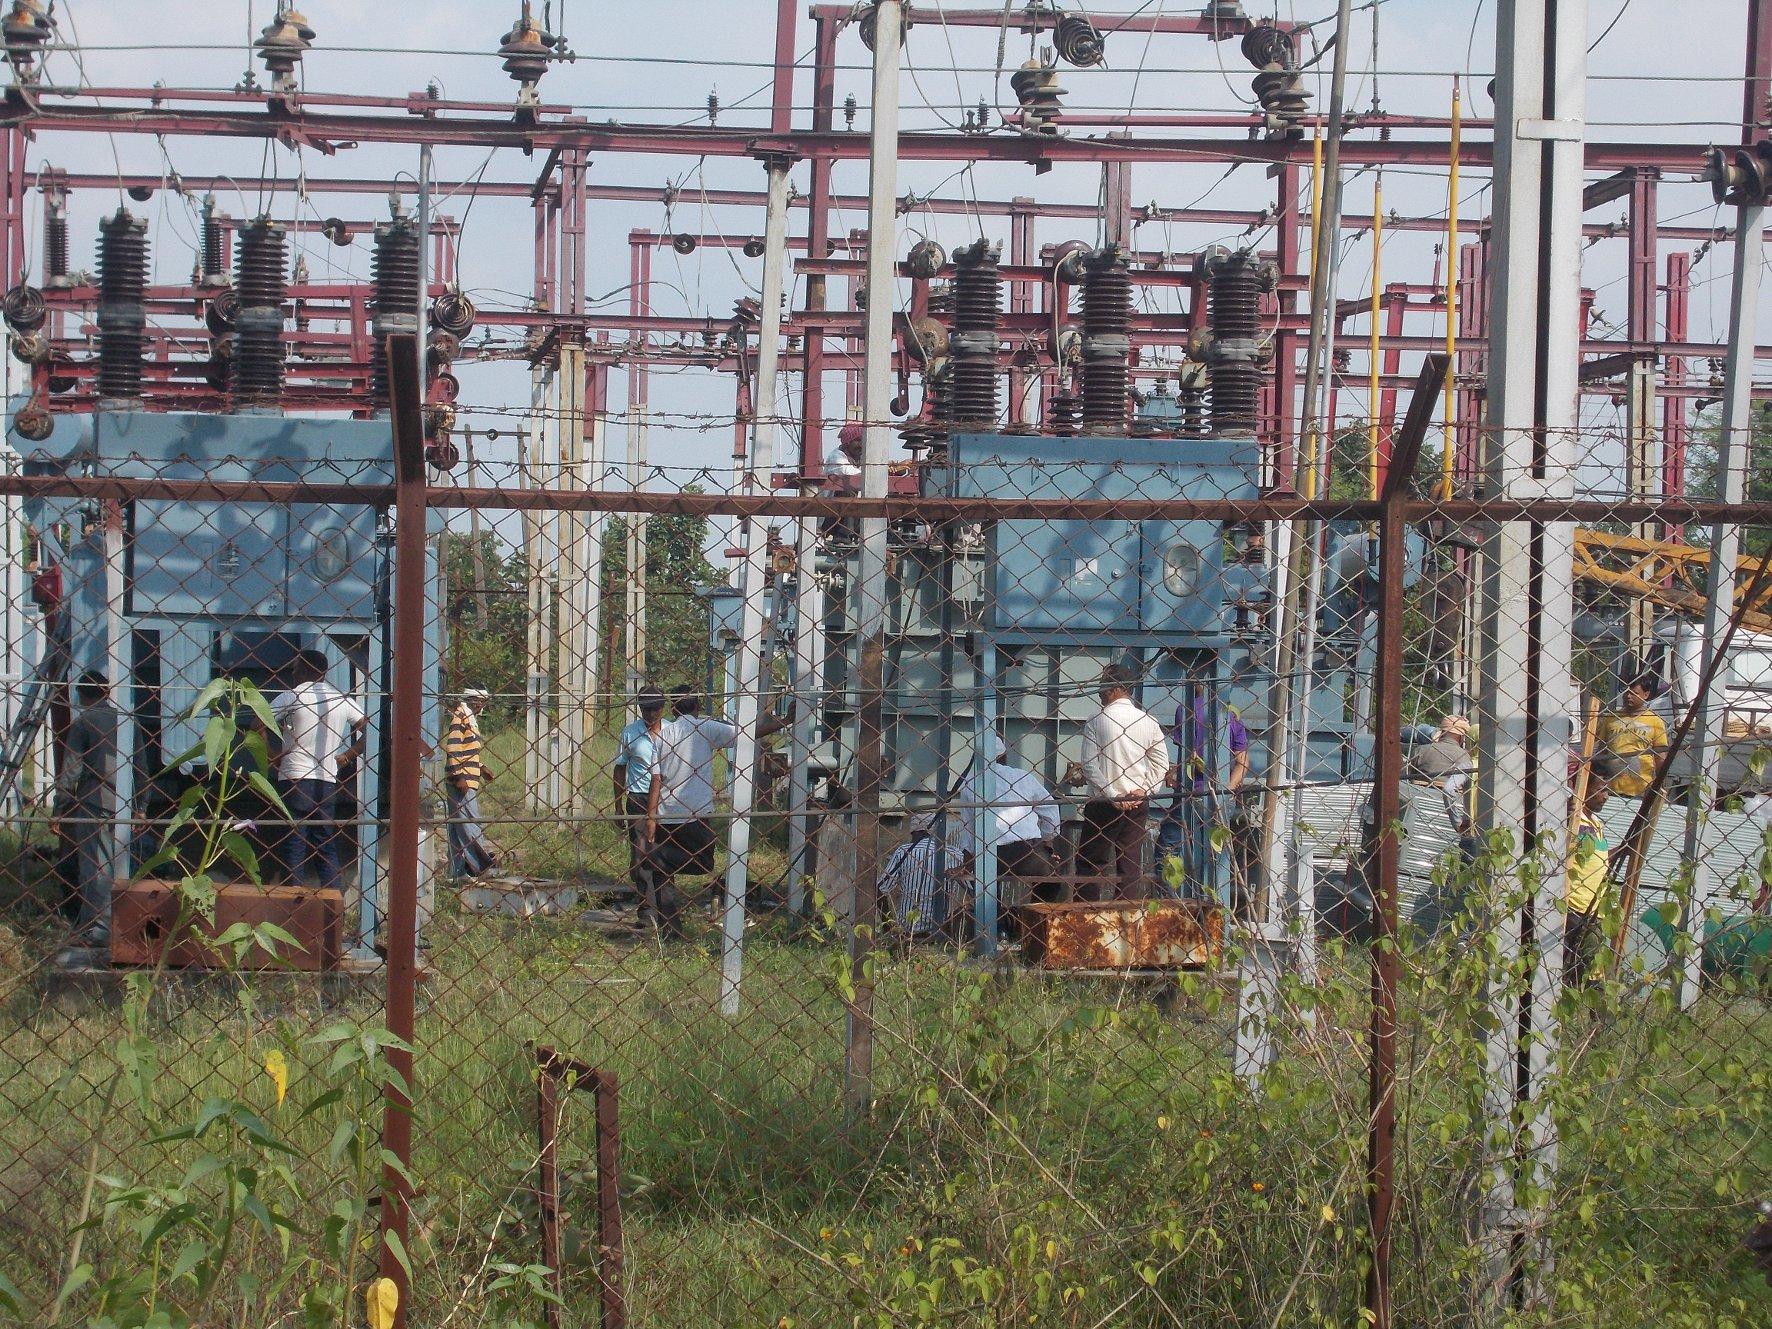 विद्युत विभाग करेंगी ऐसी व्यवस्था, नगर की बिजली नहीं होगी गुल